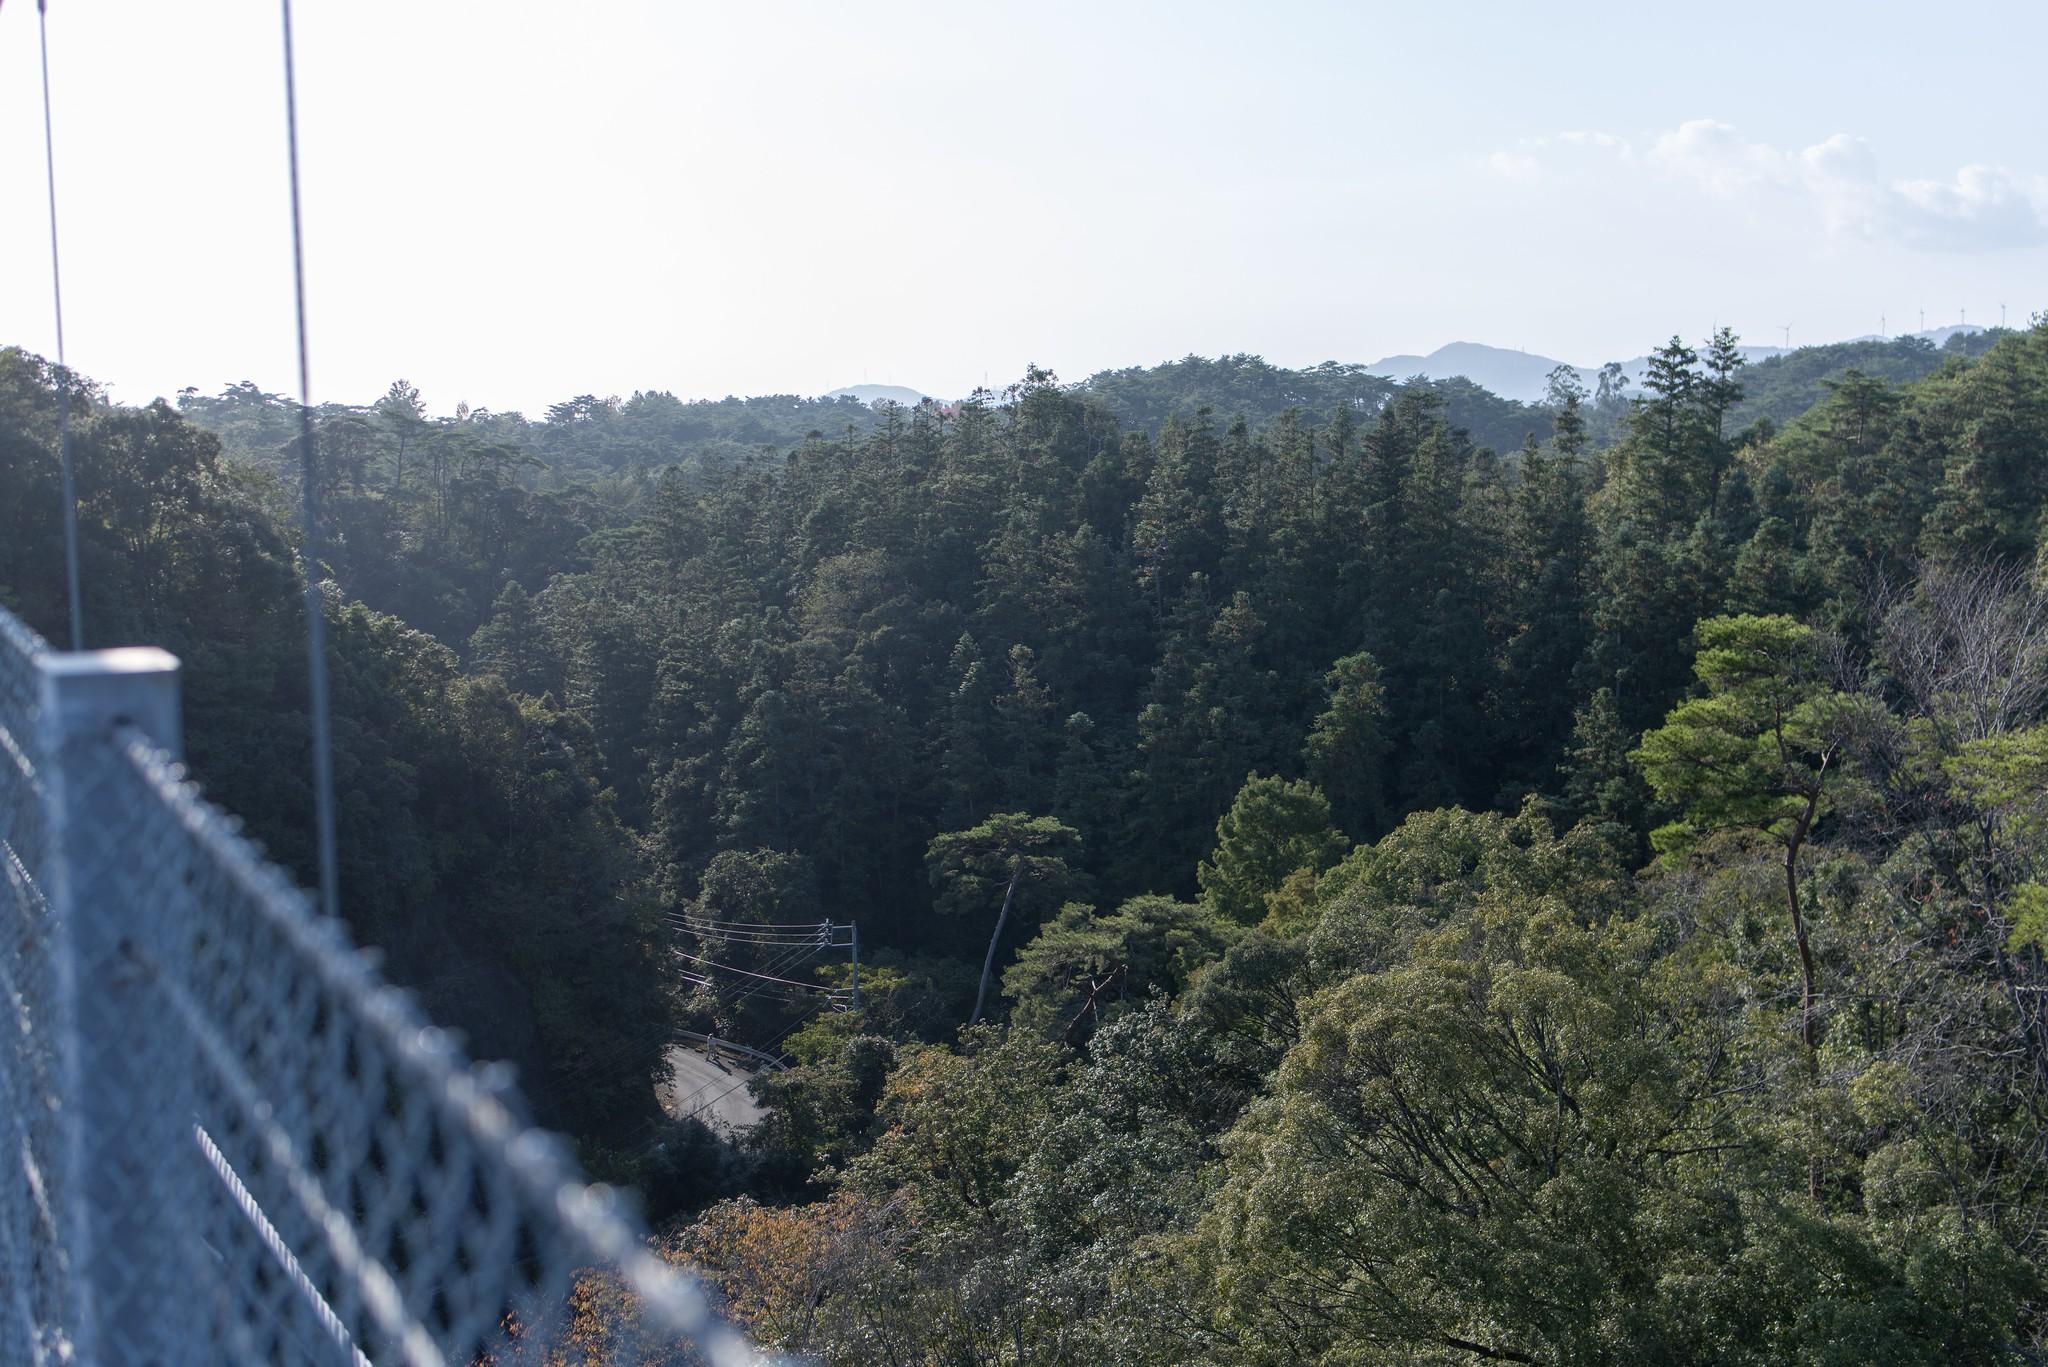 空の散歩道 @ 浜松 D810+Tamron sp 35mm F1.8